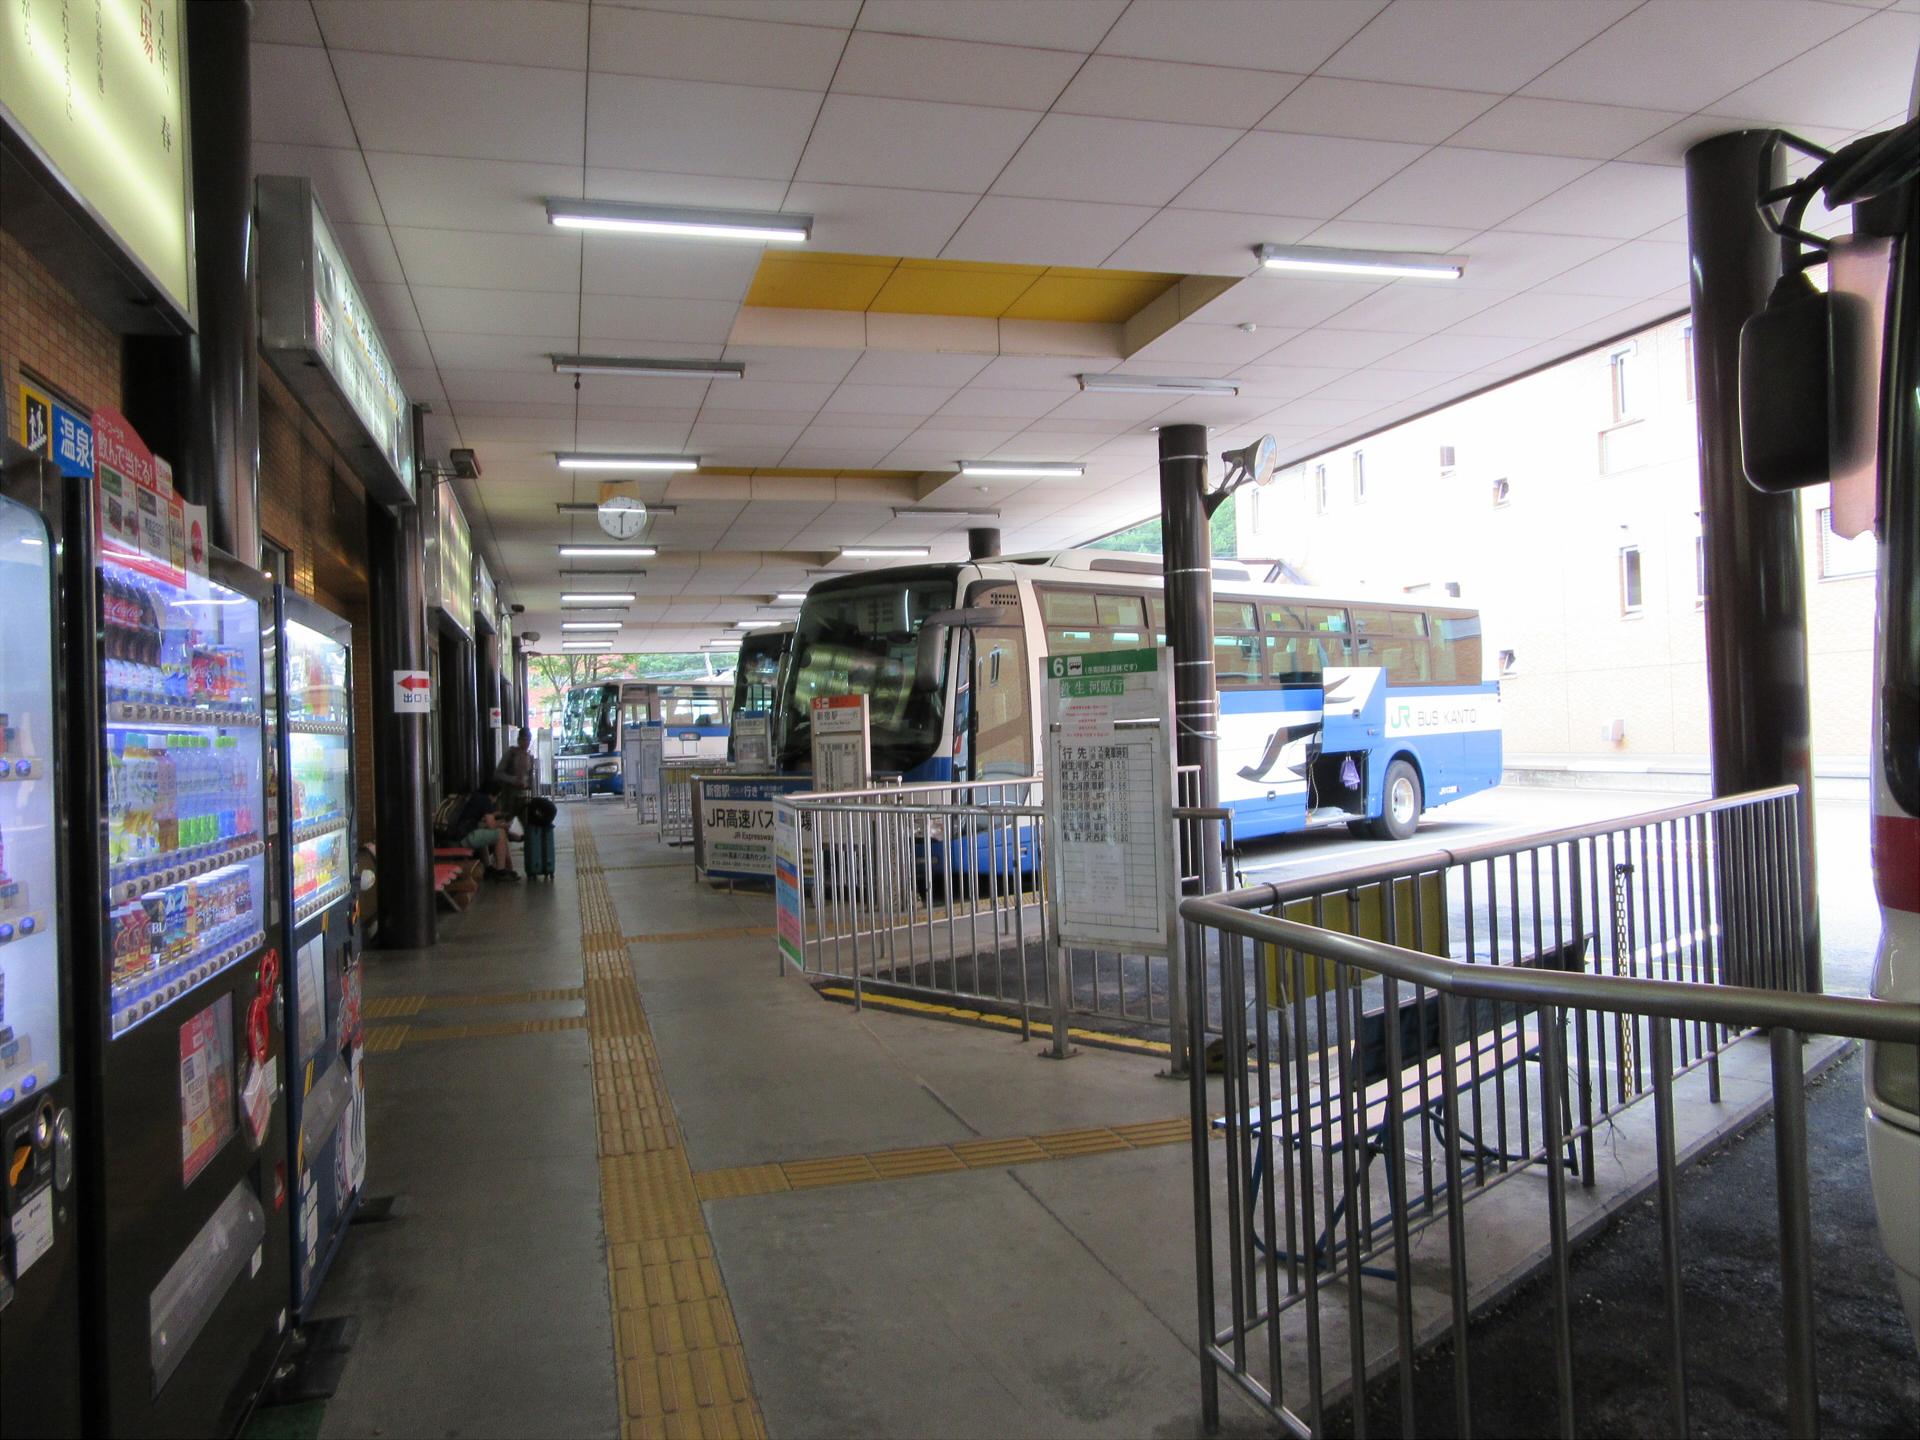 【画像】草津温泉バスターミナル バス乗り場